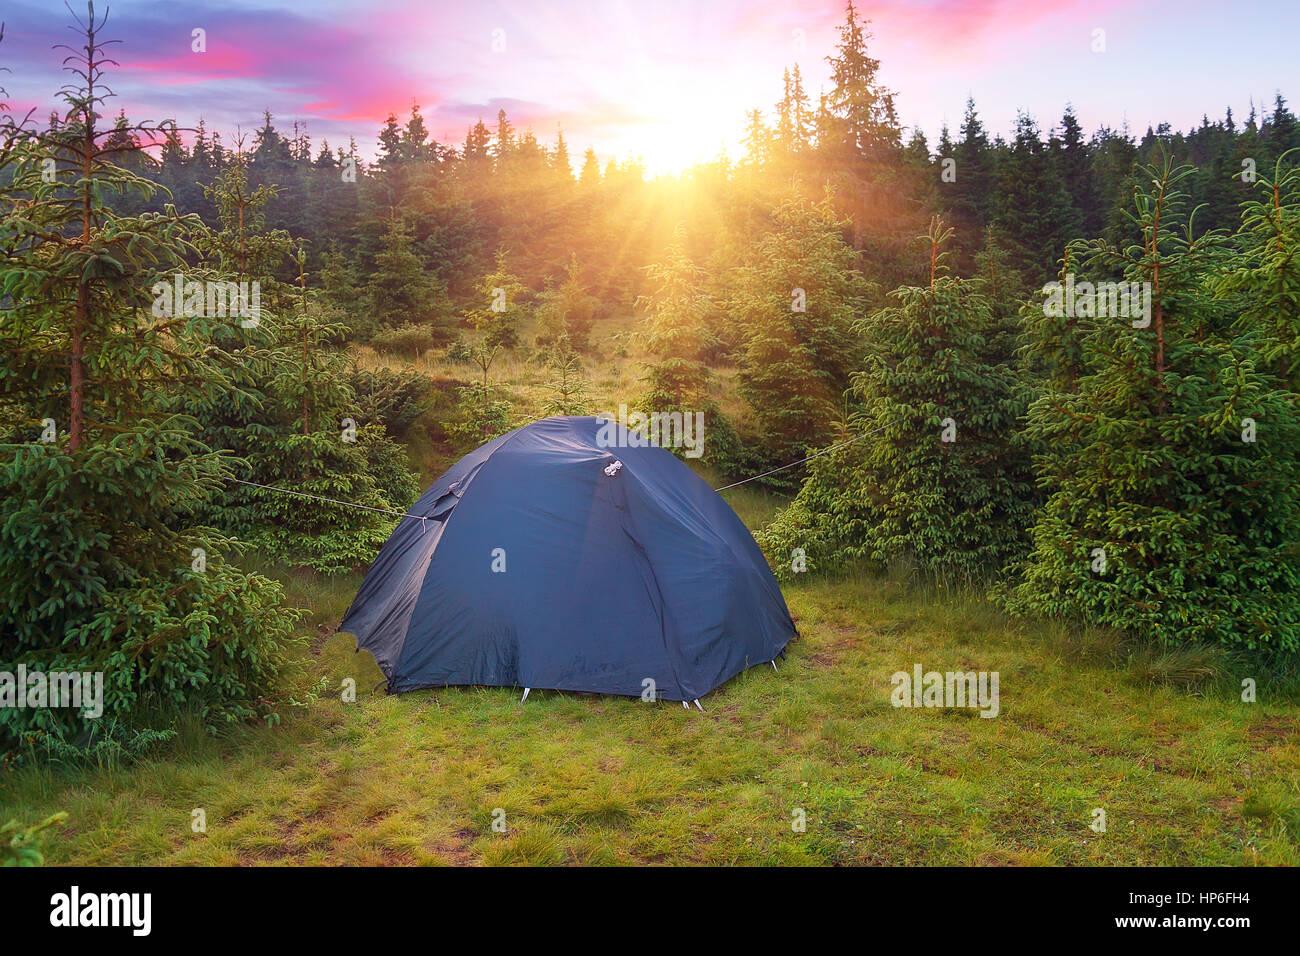 Tenda da campeggio nella foresta con il tramonto del sole